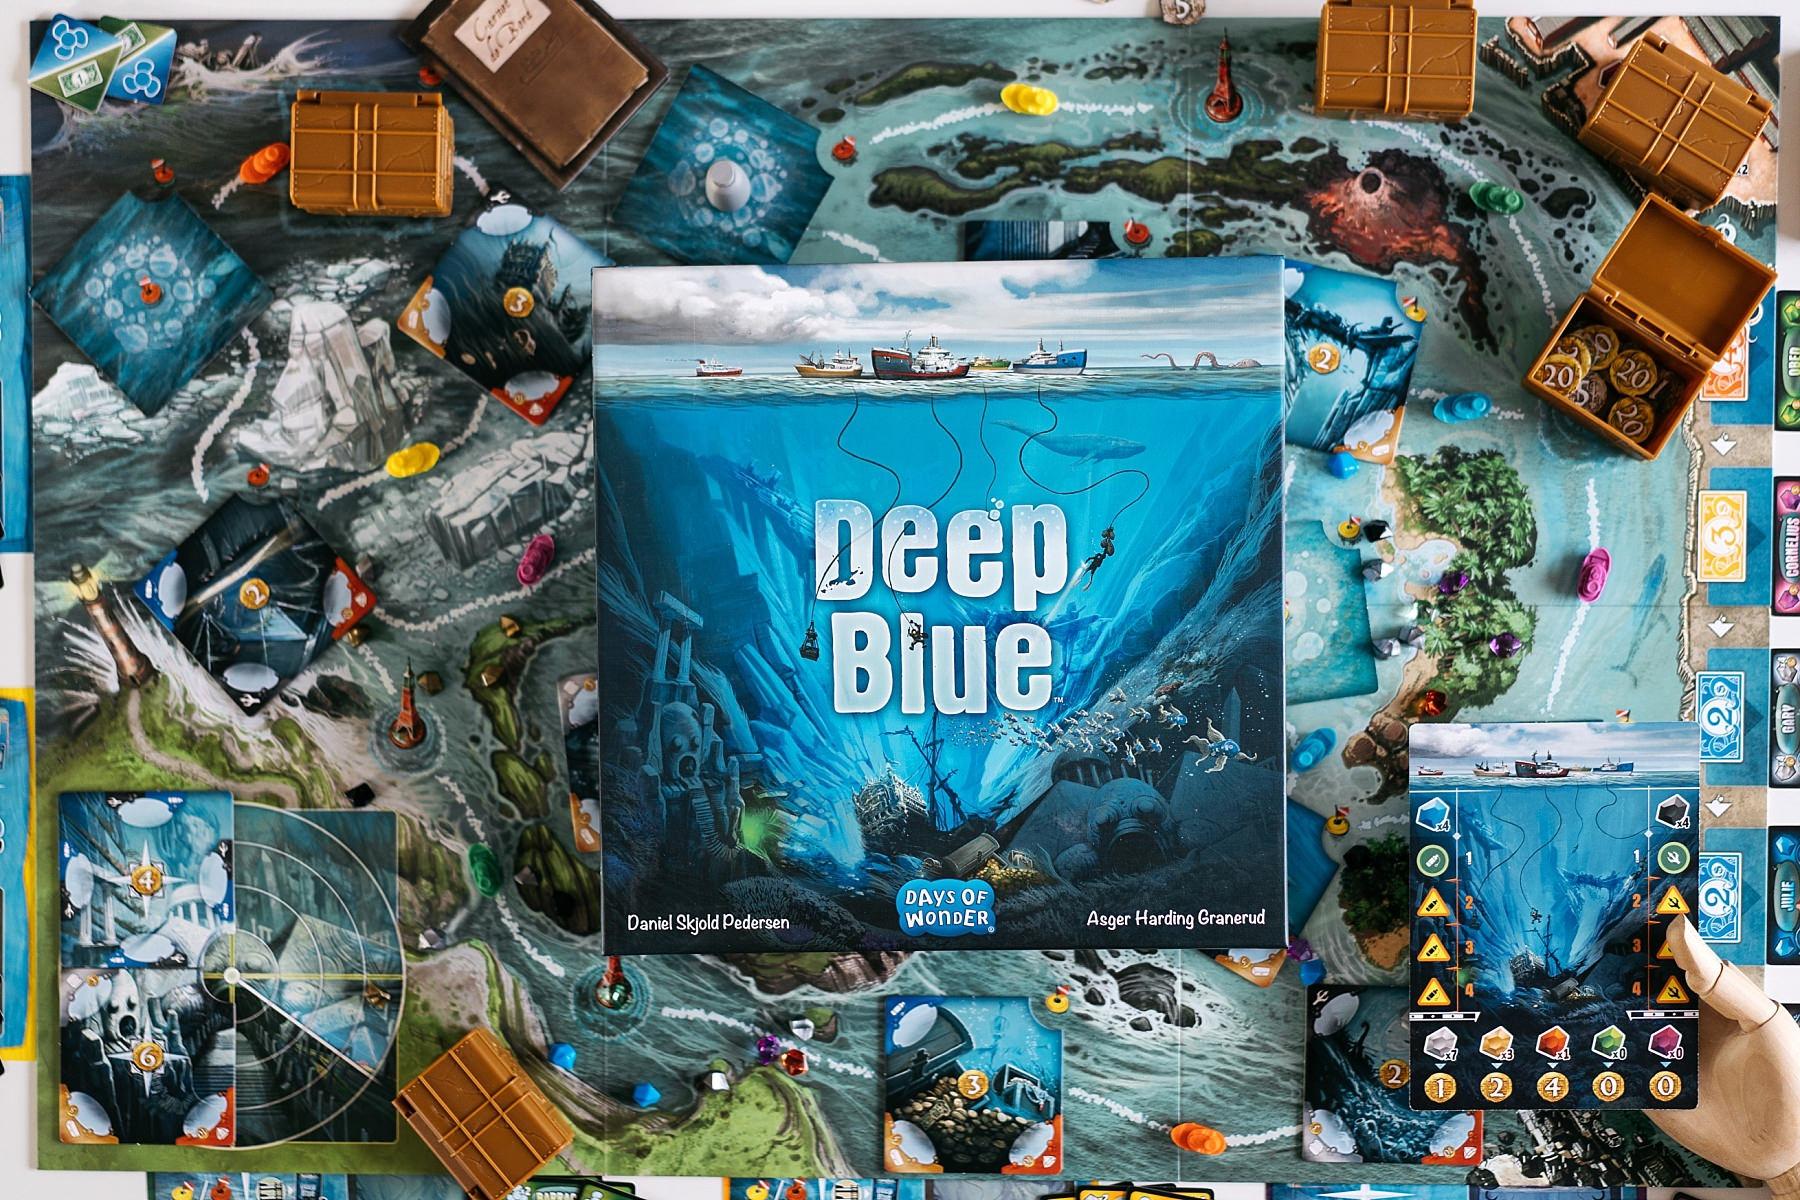 Deep blue day of wonders